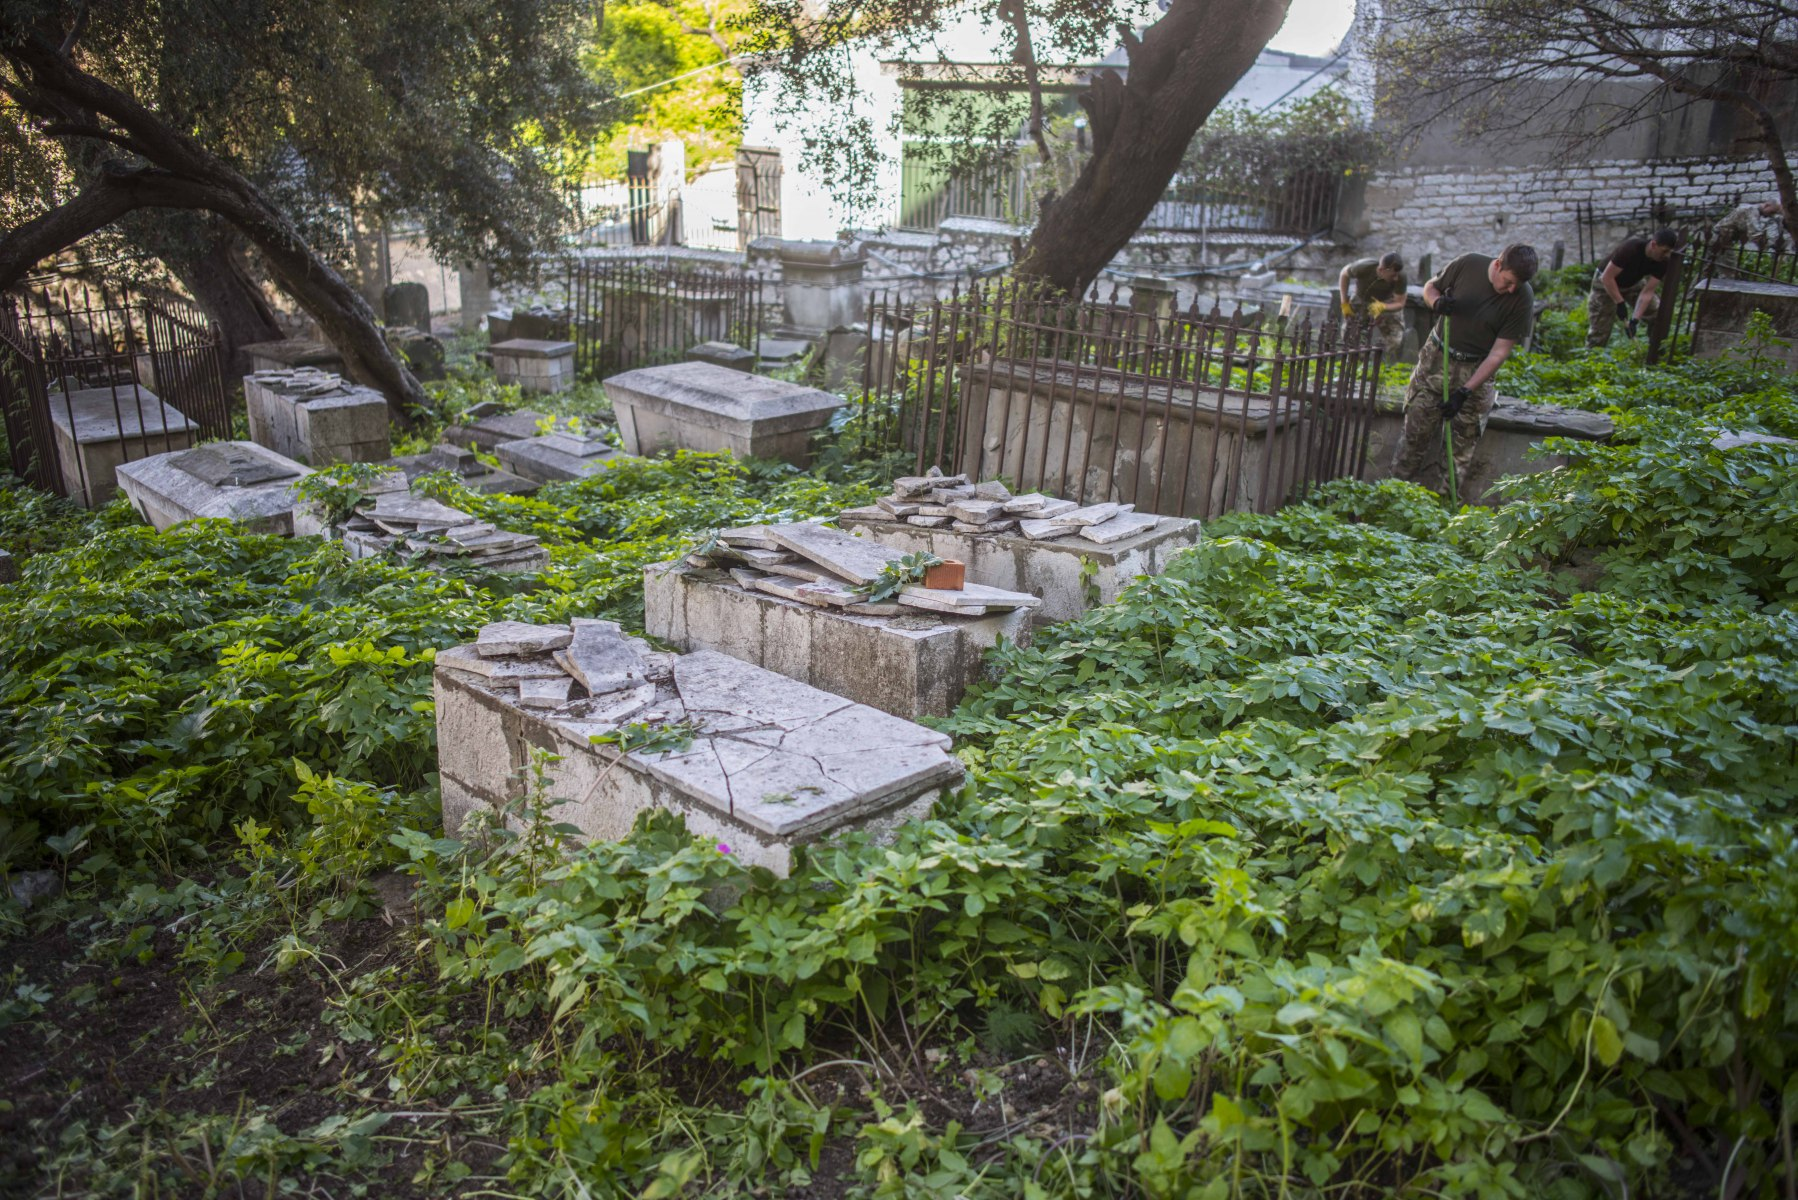 restauracin-cementerio-witham-13_25359117402_o